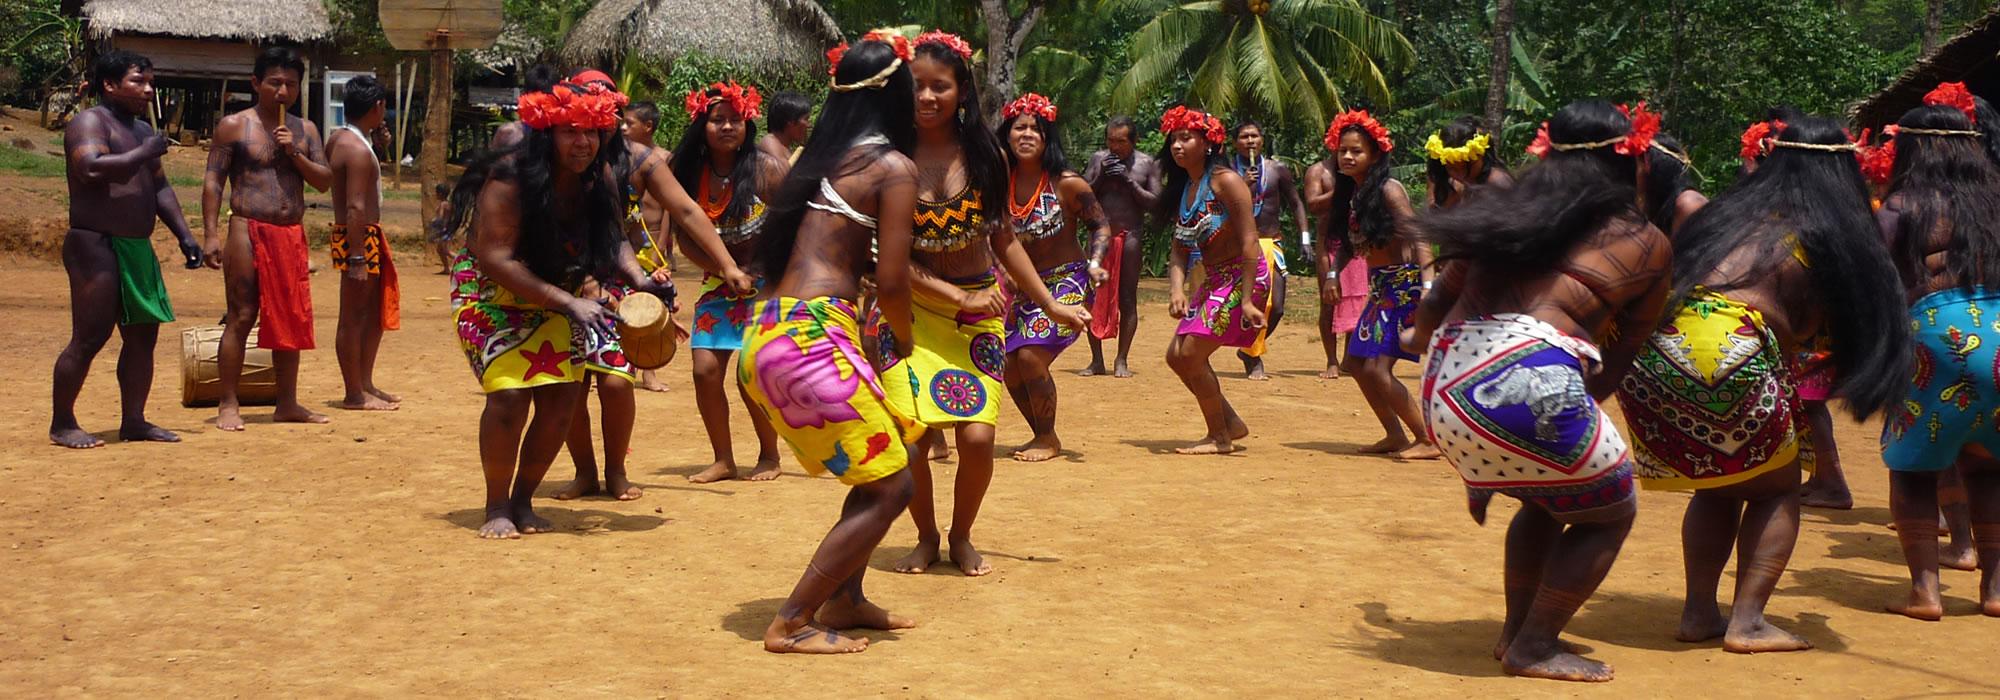 Grupos Indígenas